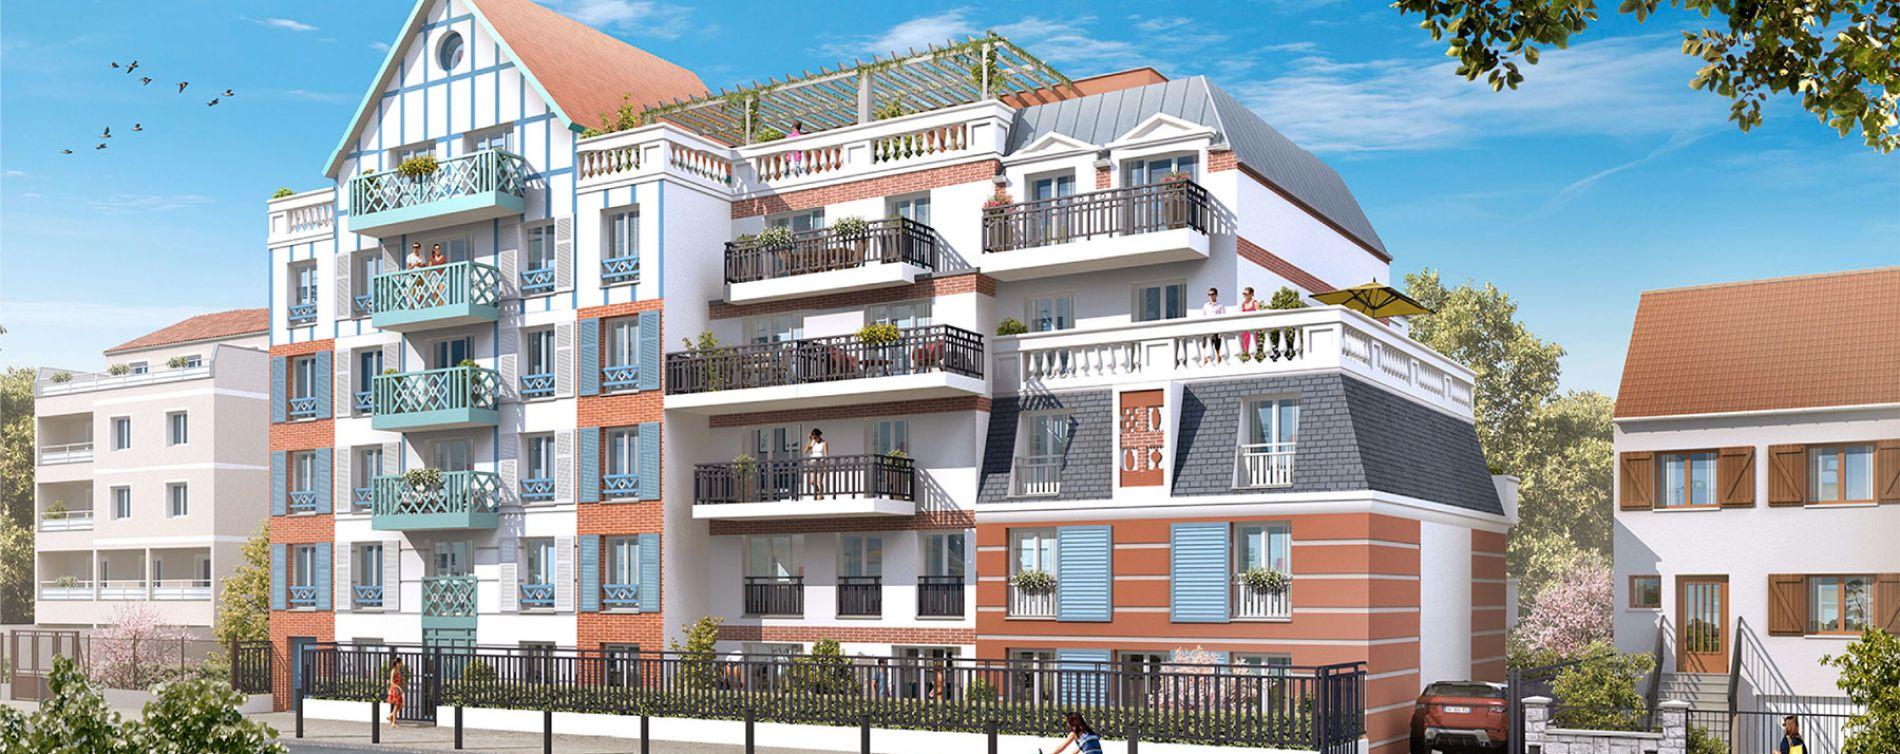 Le Blanc-Mesnil : programme immobilier neuve « Résidence du Gué du Coudray » (2)